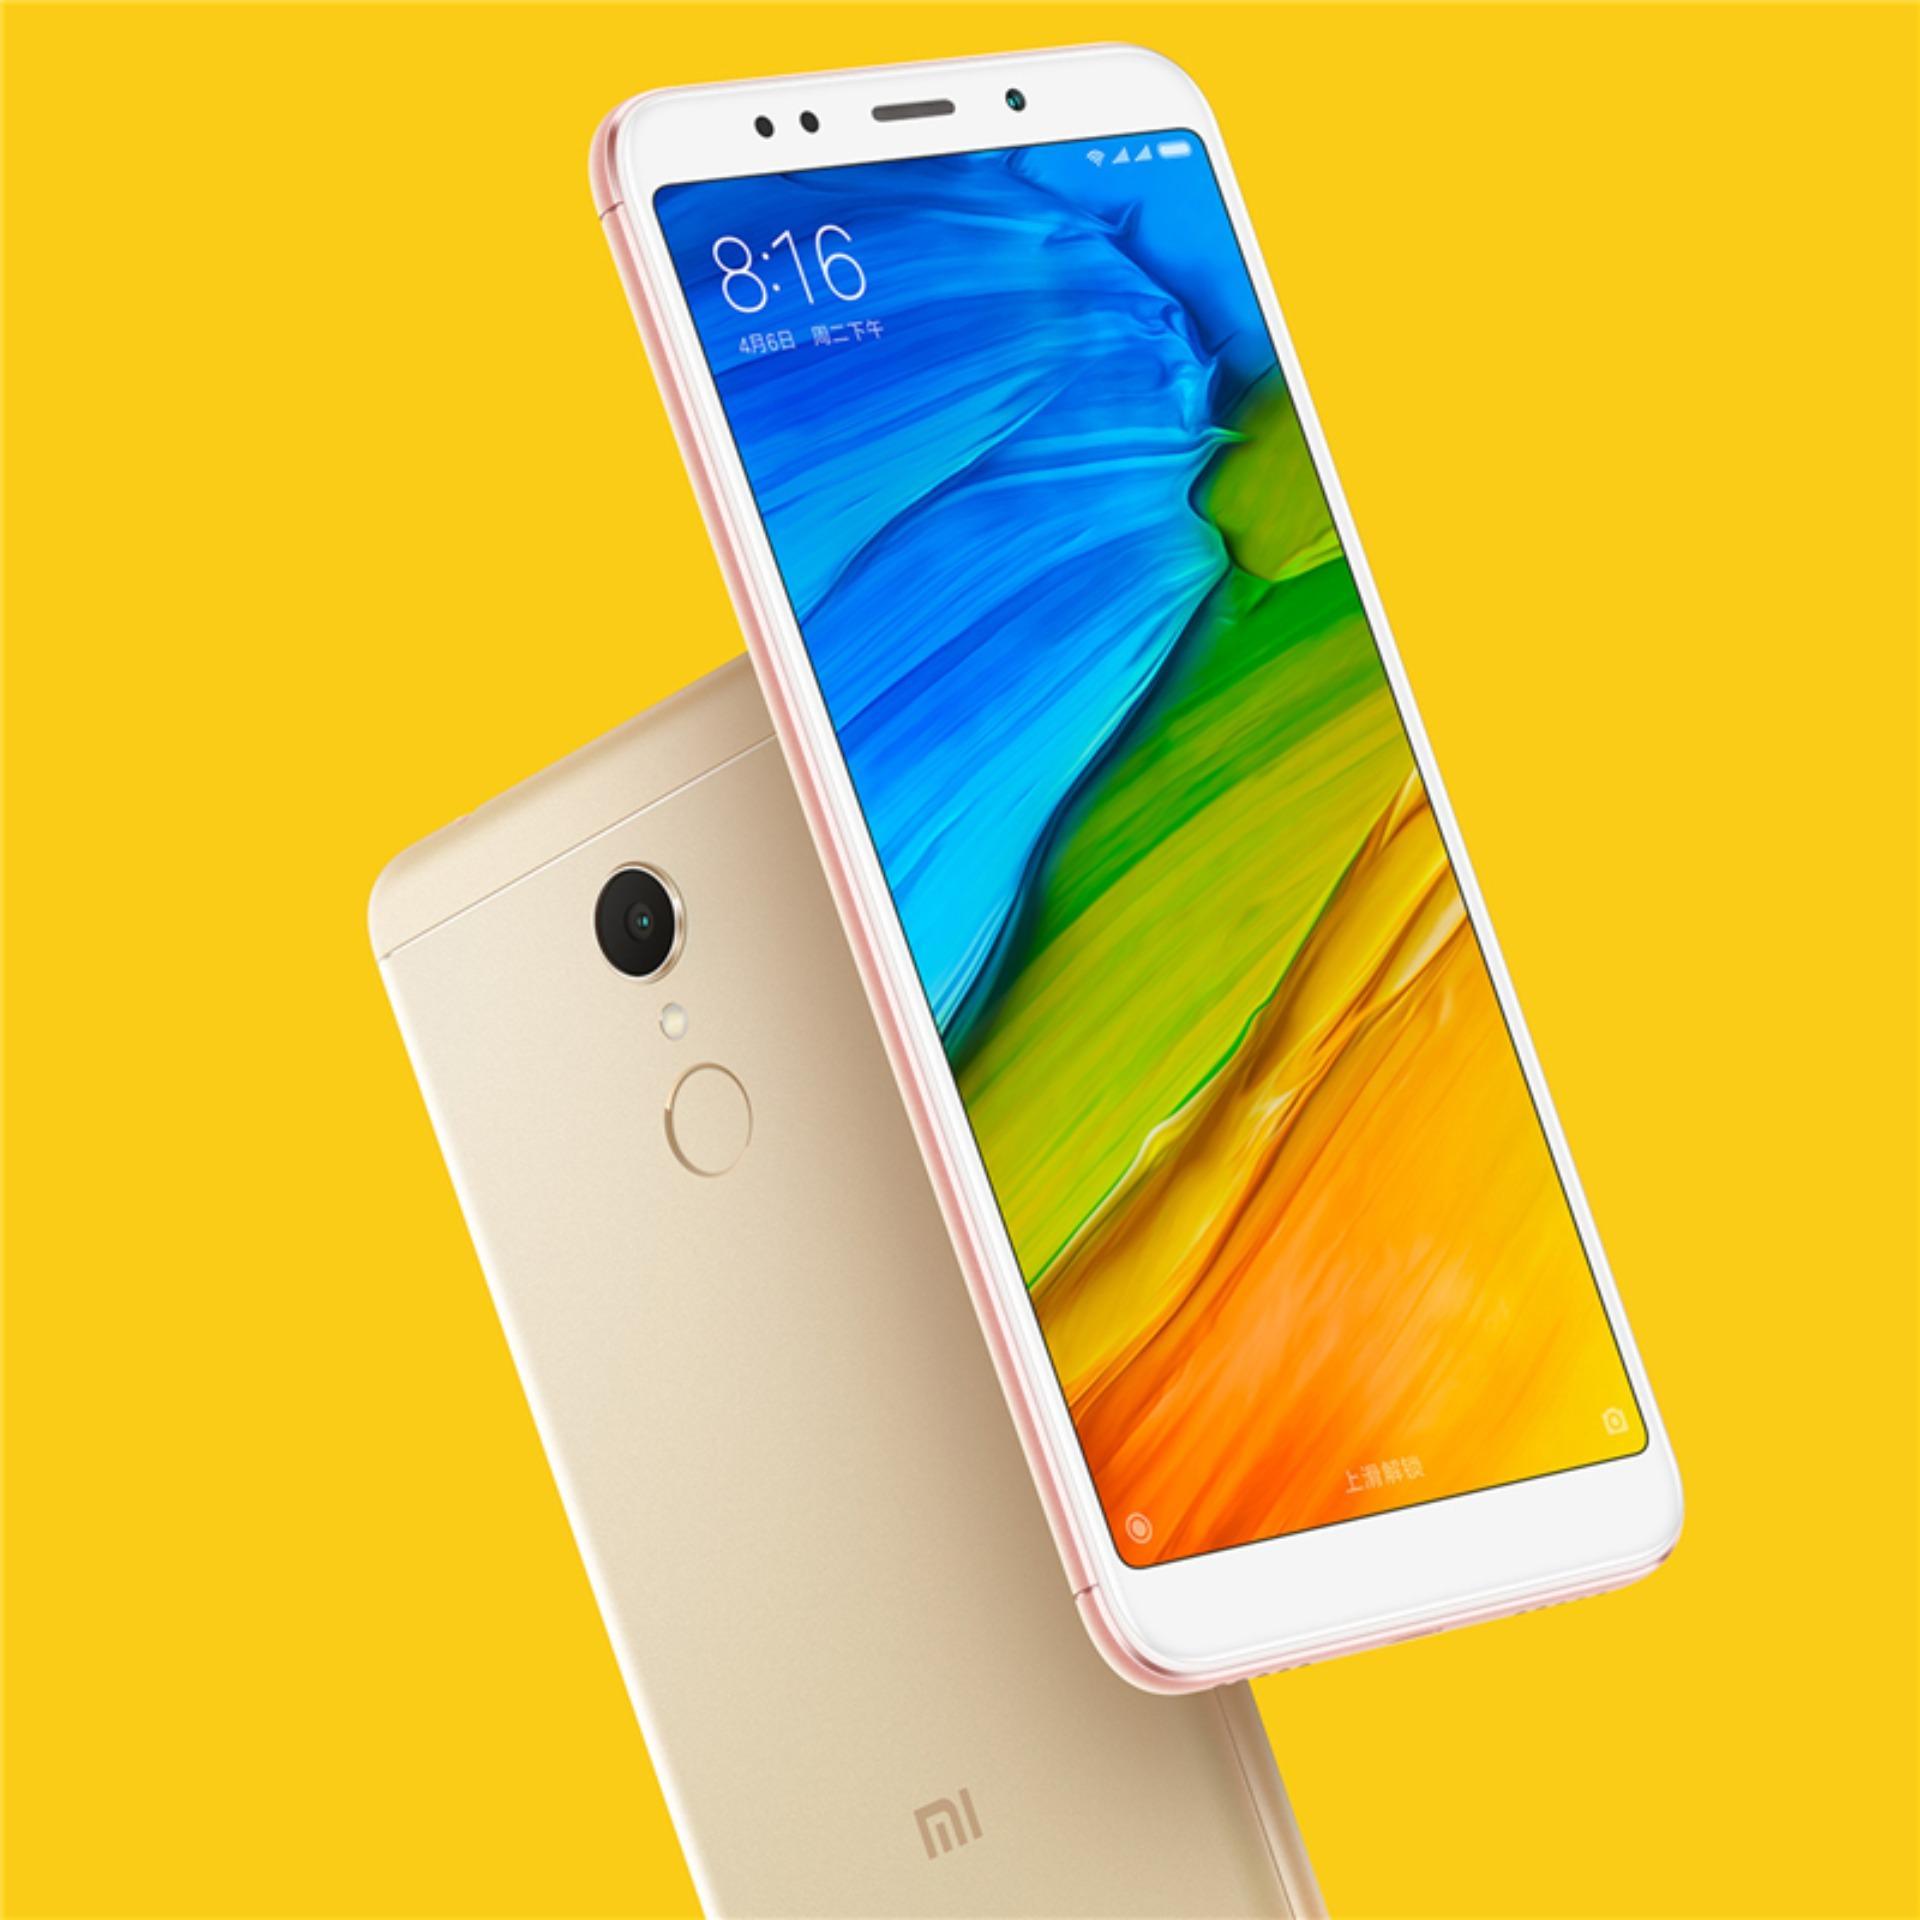 Giá Xiaomi Redmi 5 Plus 32G Ram 3G (Vàng) – Hàng nhập khẩu Tại Shop Online 24 (Hà Nội)